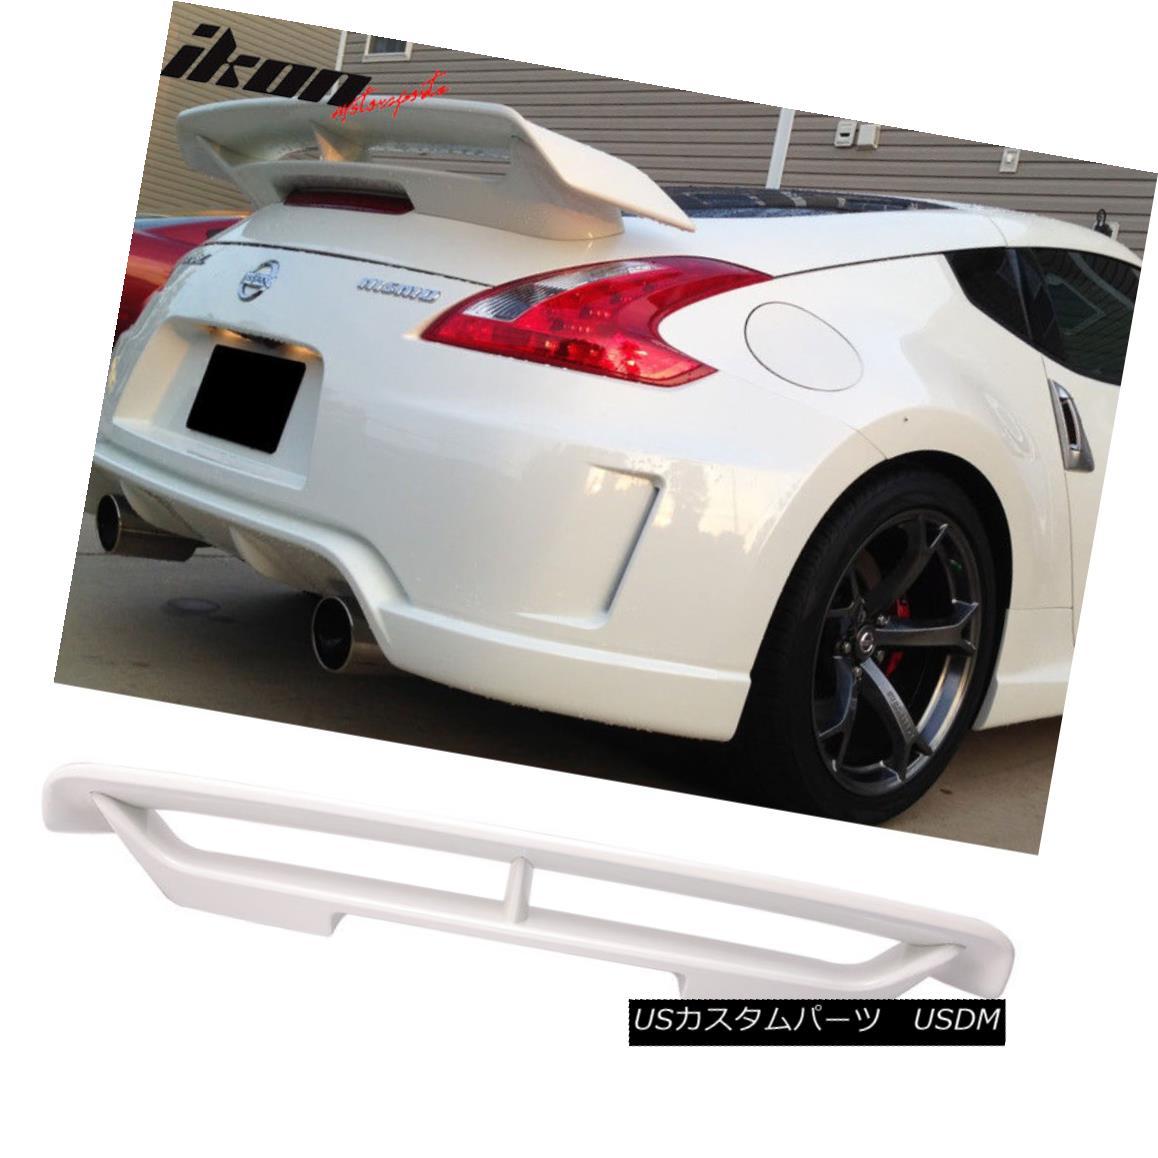 エアロパーツ Fits 09-18 Nissan 370Z Z34 Nismo Trunk Spoiler Painted #QAB White Pearl - ABS フィット09-18日産370Z Z34ニスモトランクスポイラー塗装#QABホワイトパール - ABS